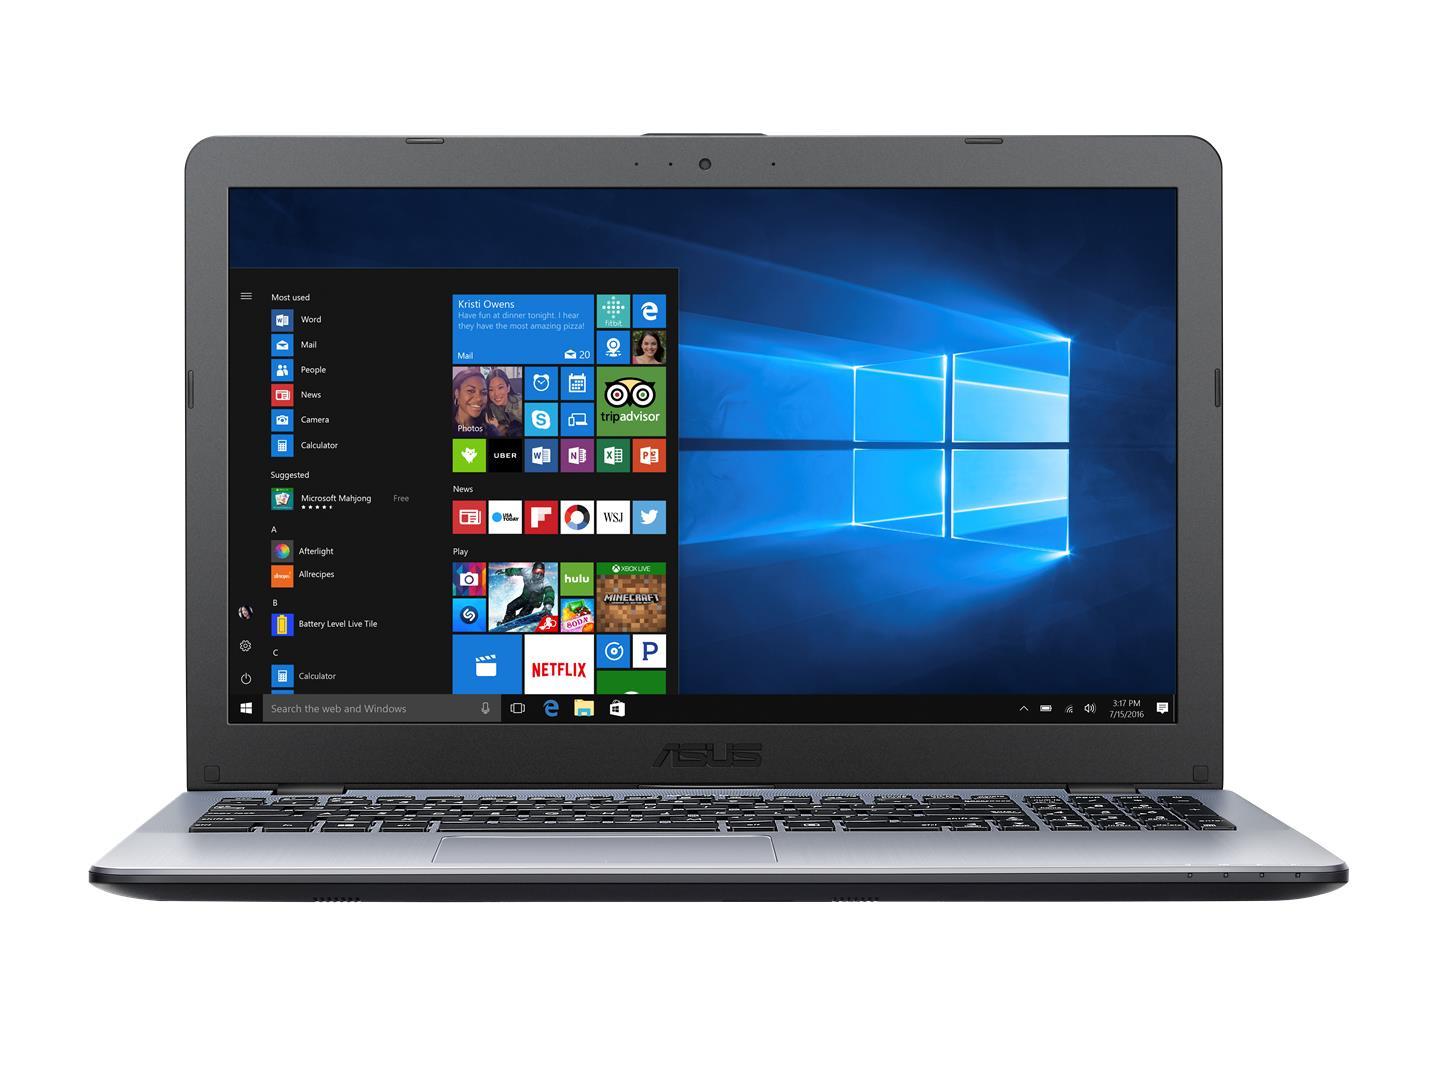 """ASUS X542UF-DM004T i5-8250U/8GB/128GB SSD+1TB/DVDRW/GeForce MX130 2GB/15,6"""" FHD matný/W10 Home/Silver"""